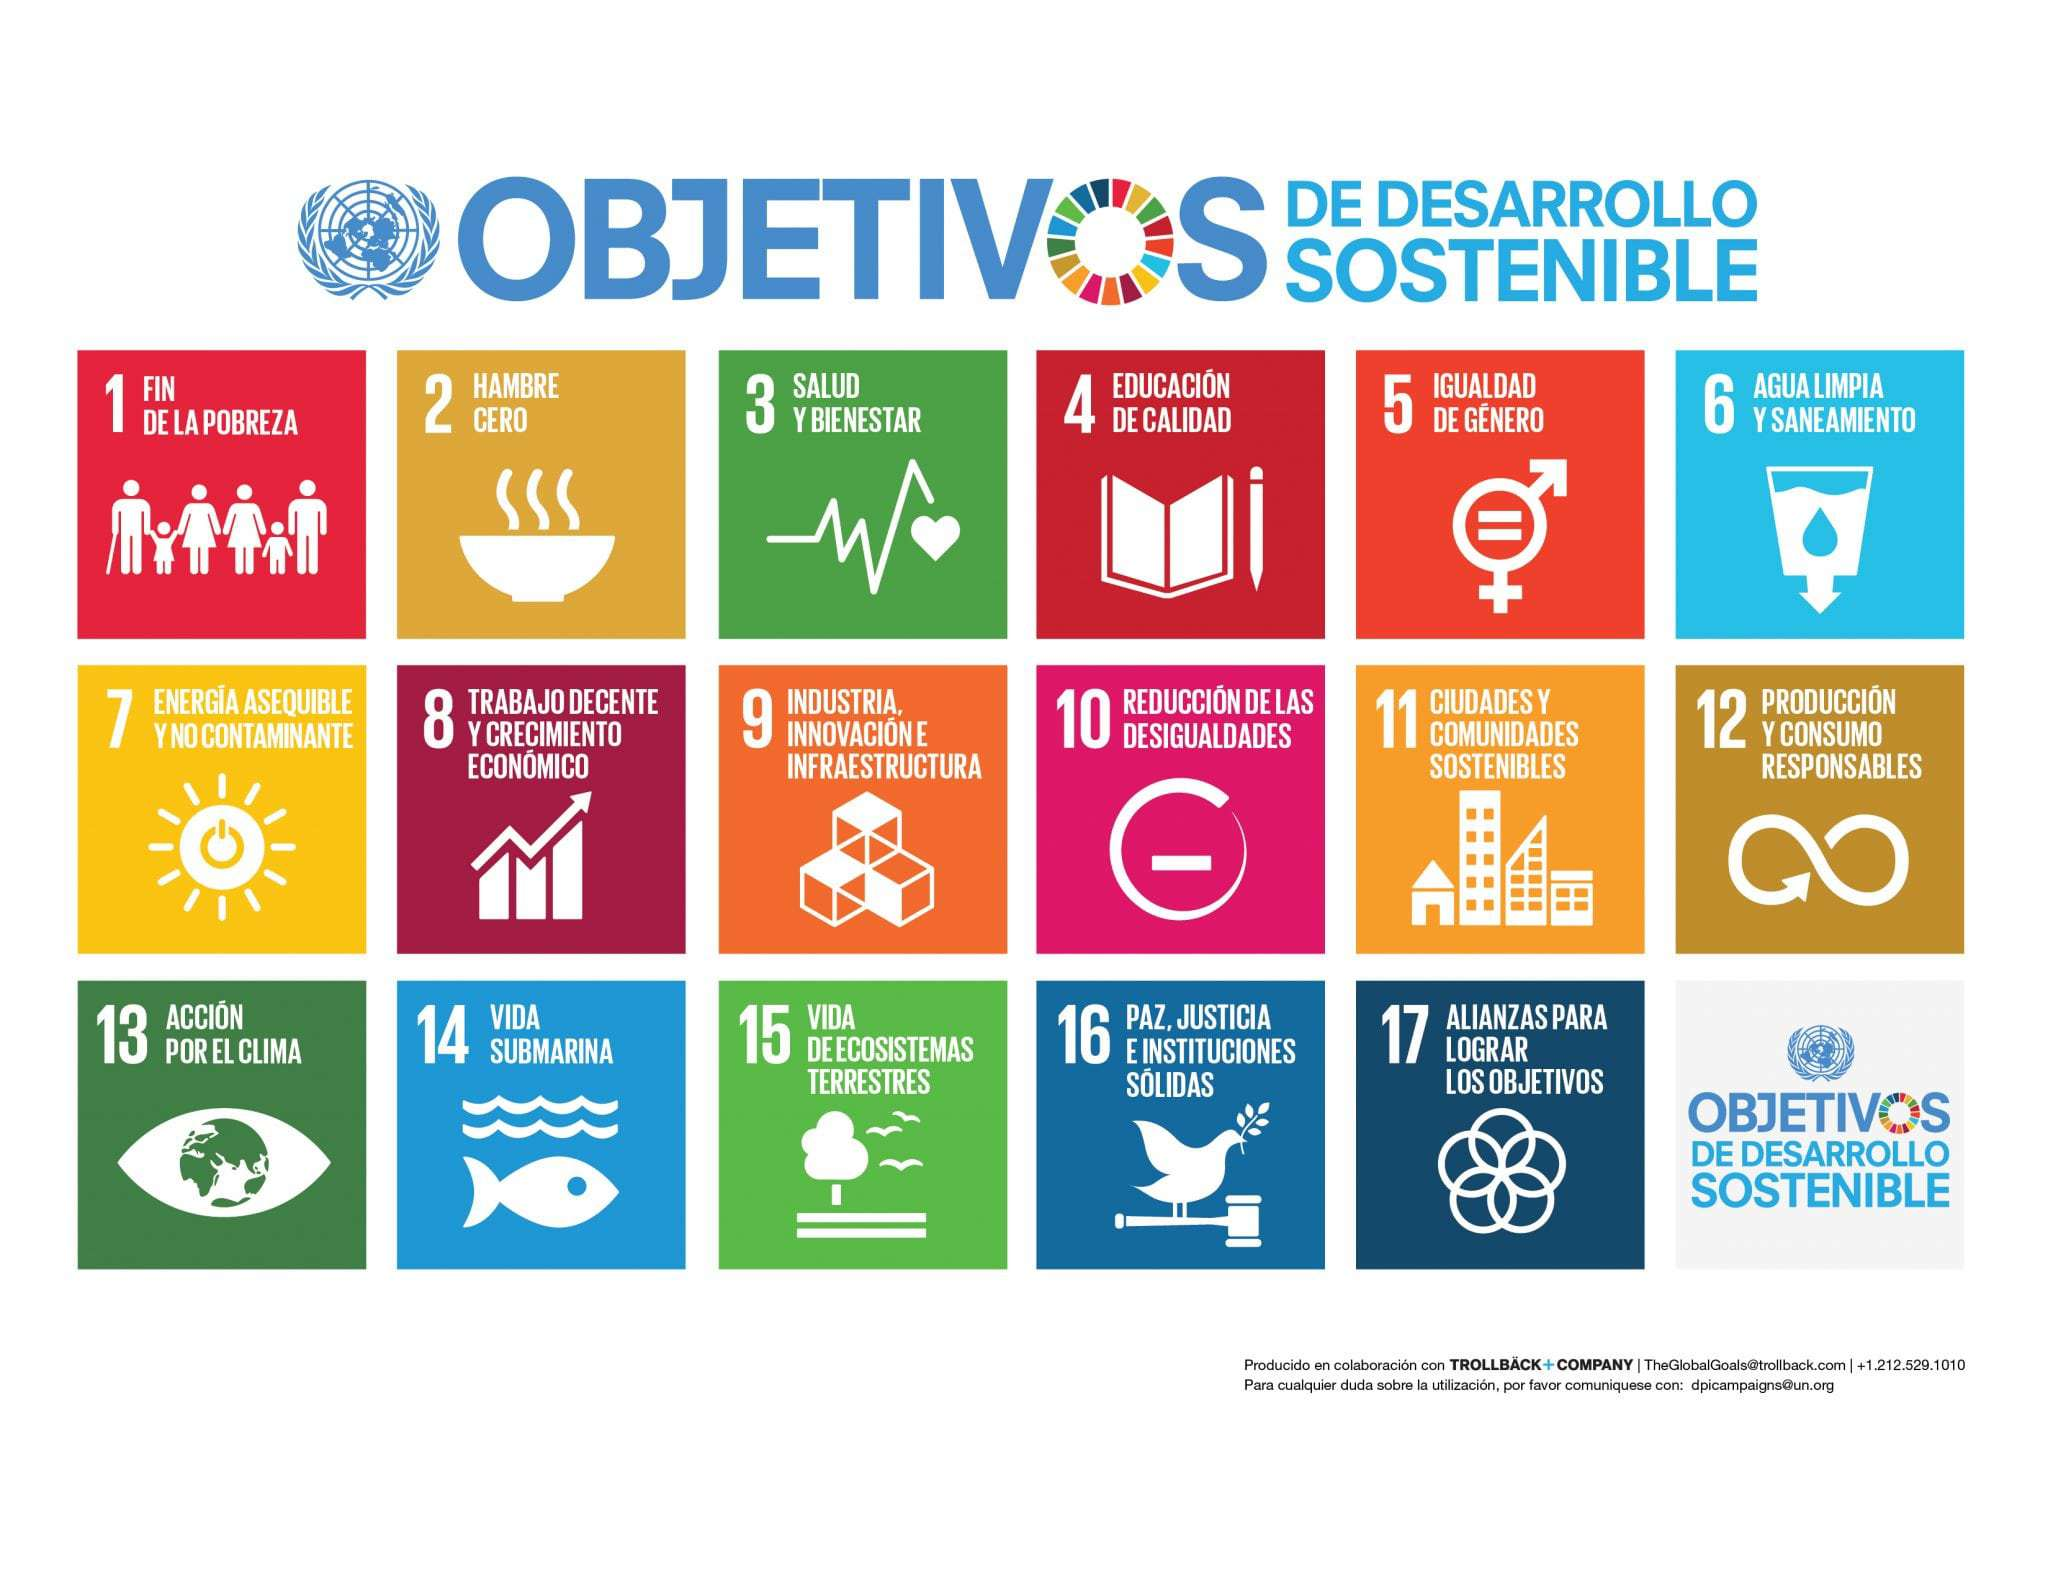 Objetivos desarrollo sost